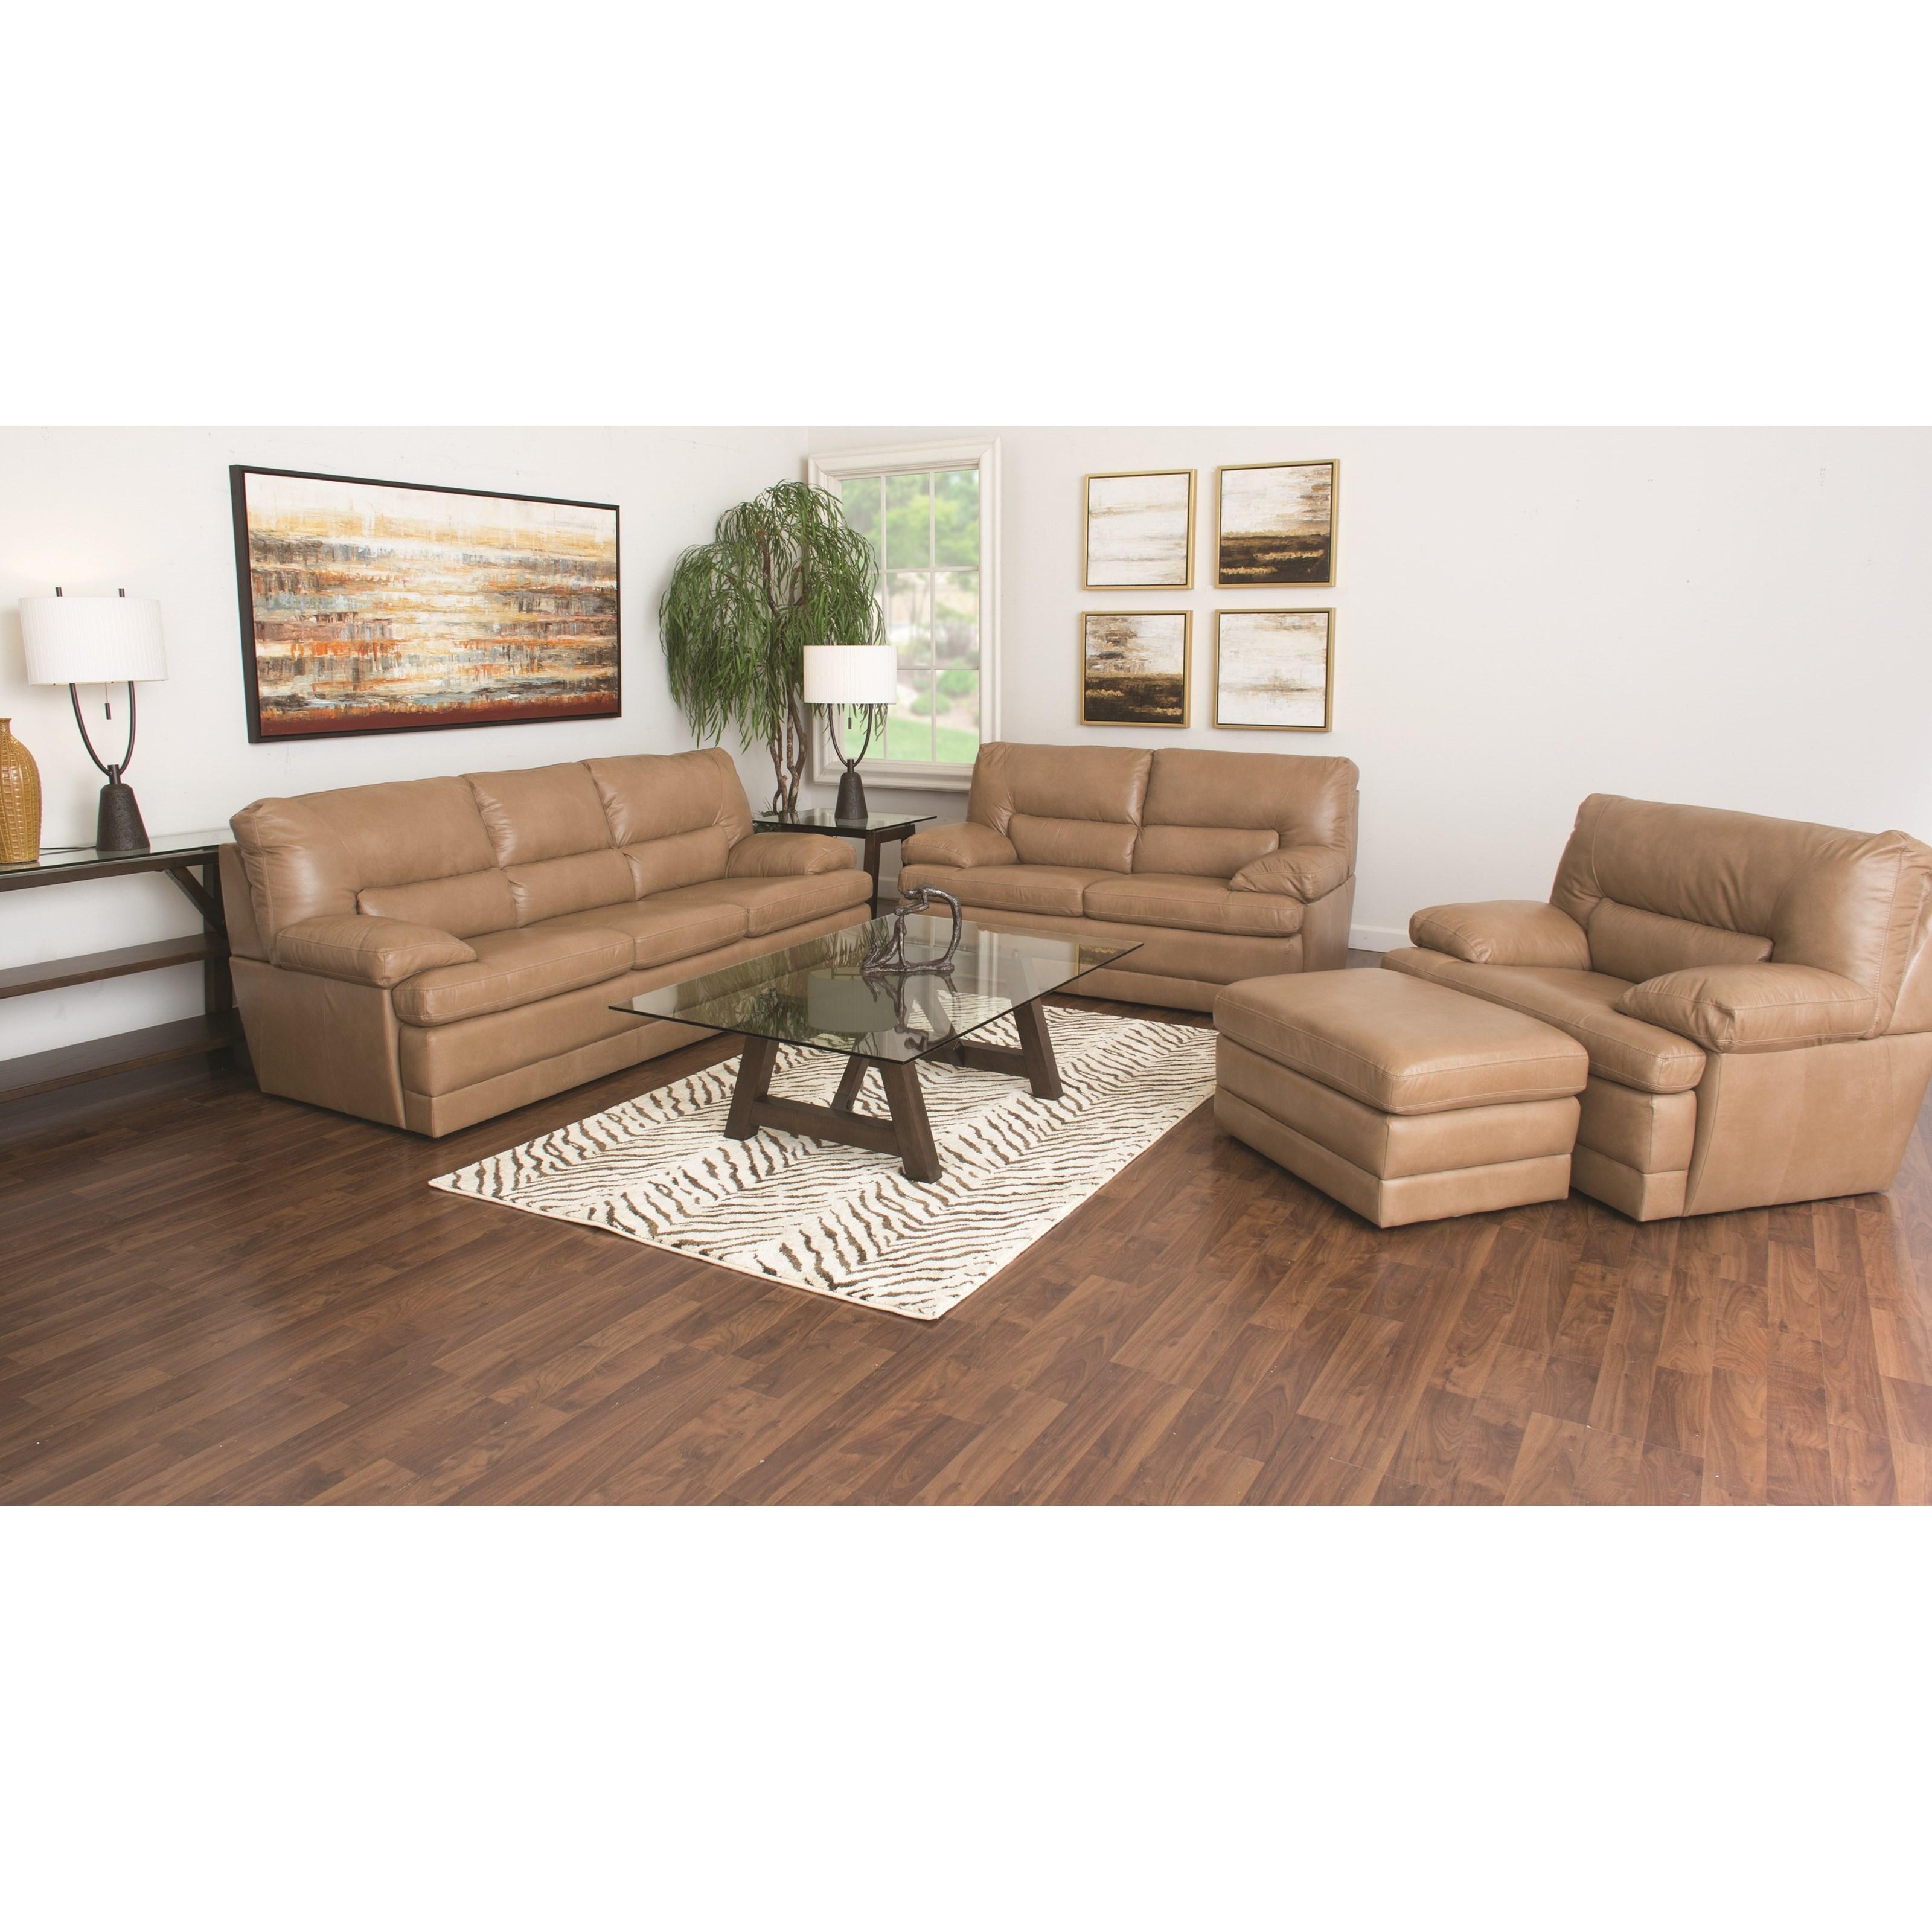 Palliser Northbrook Stationary Living Room Group Olinde